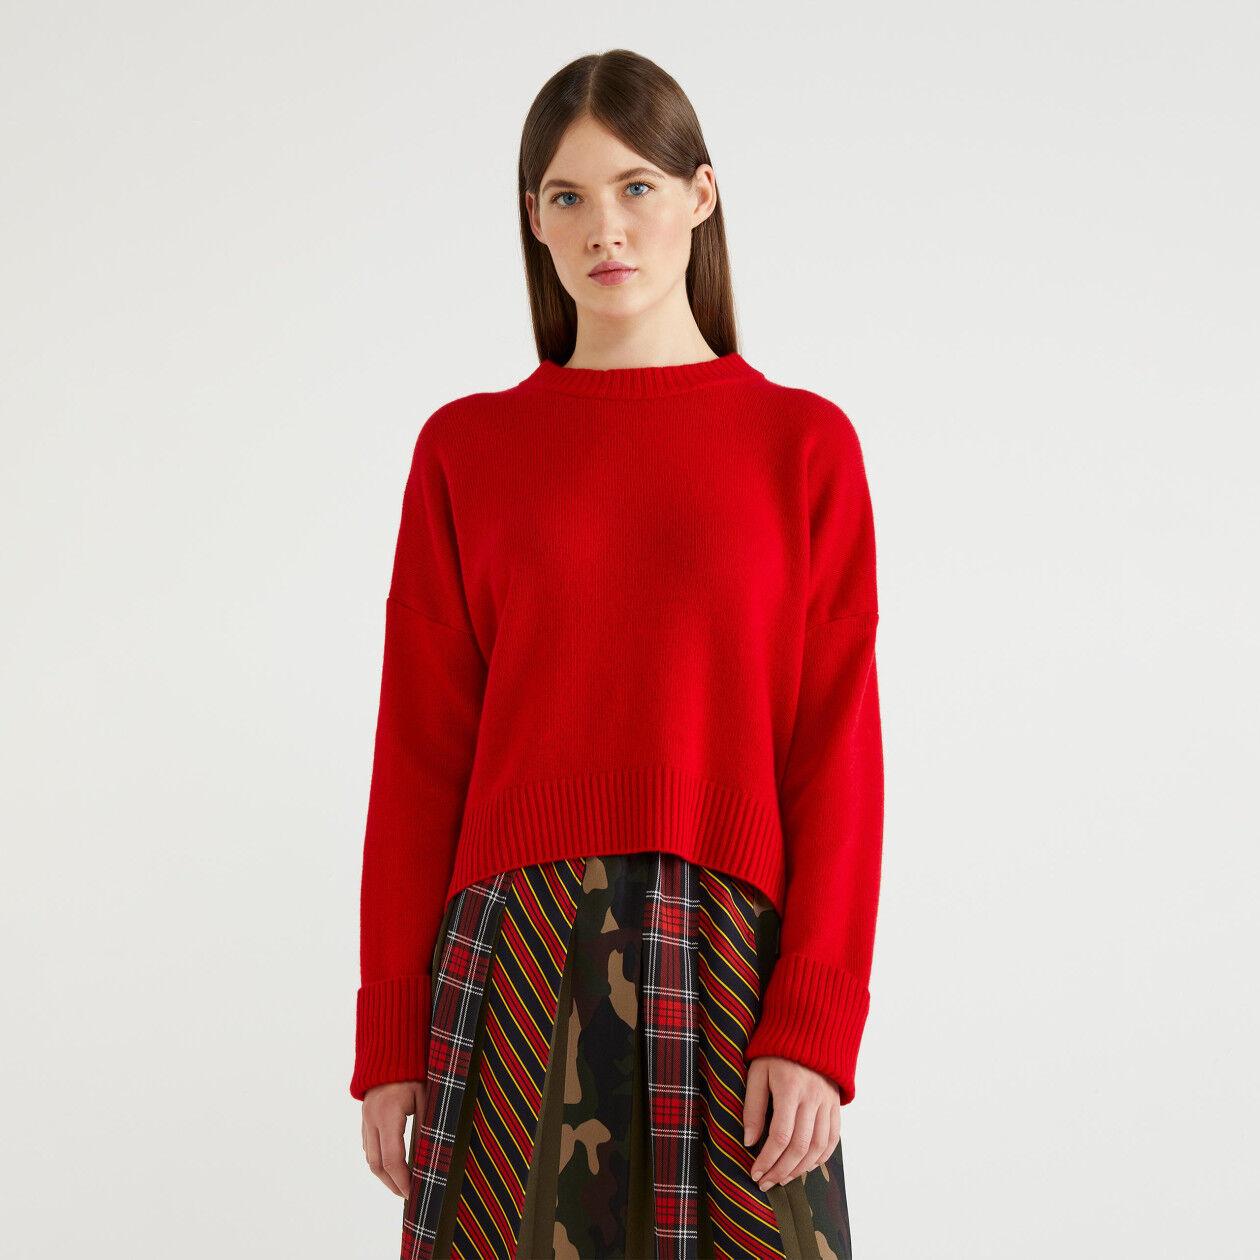 Jersey de lana mixta